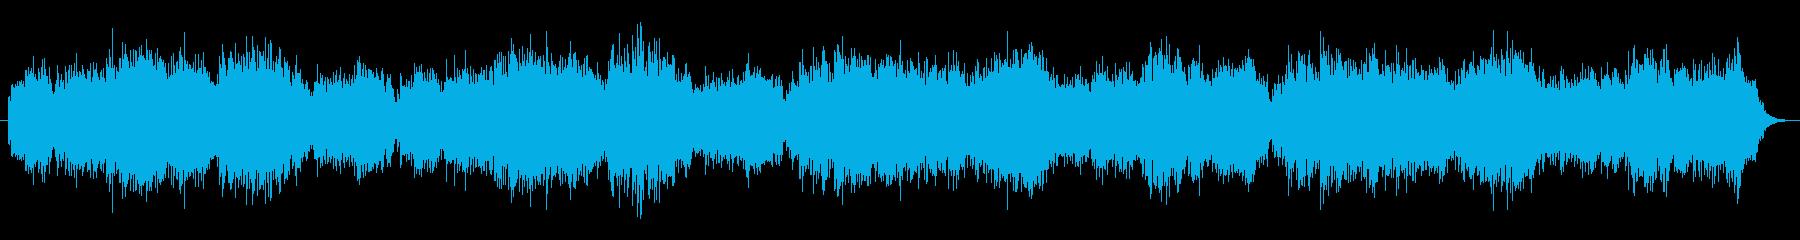 スキップしたくなるかわいいピアノ曲の再生済みの波形